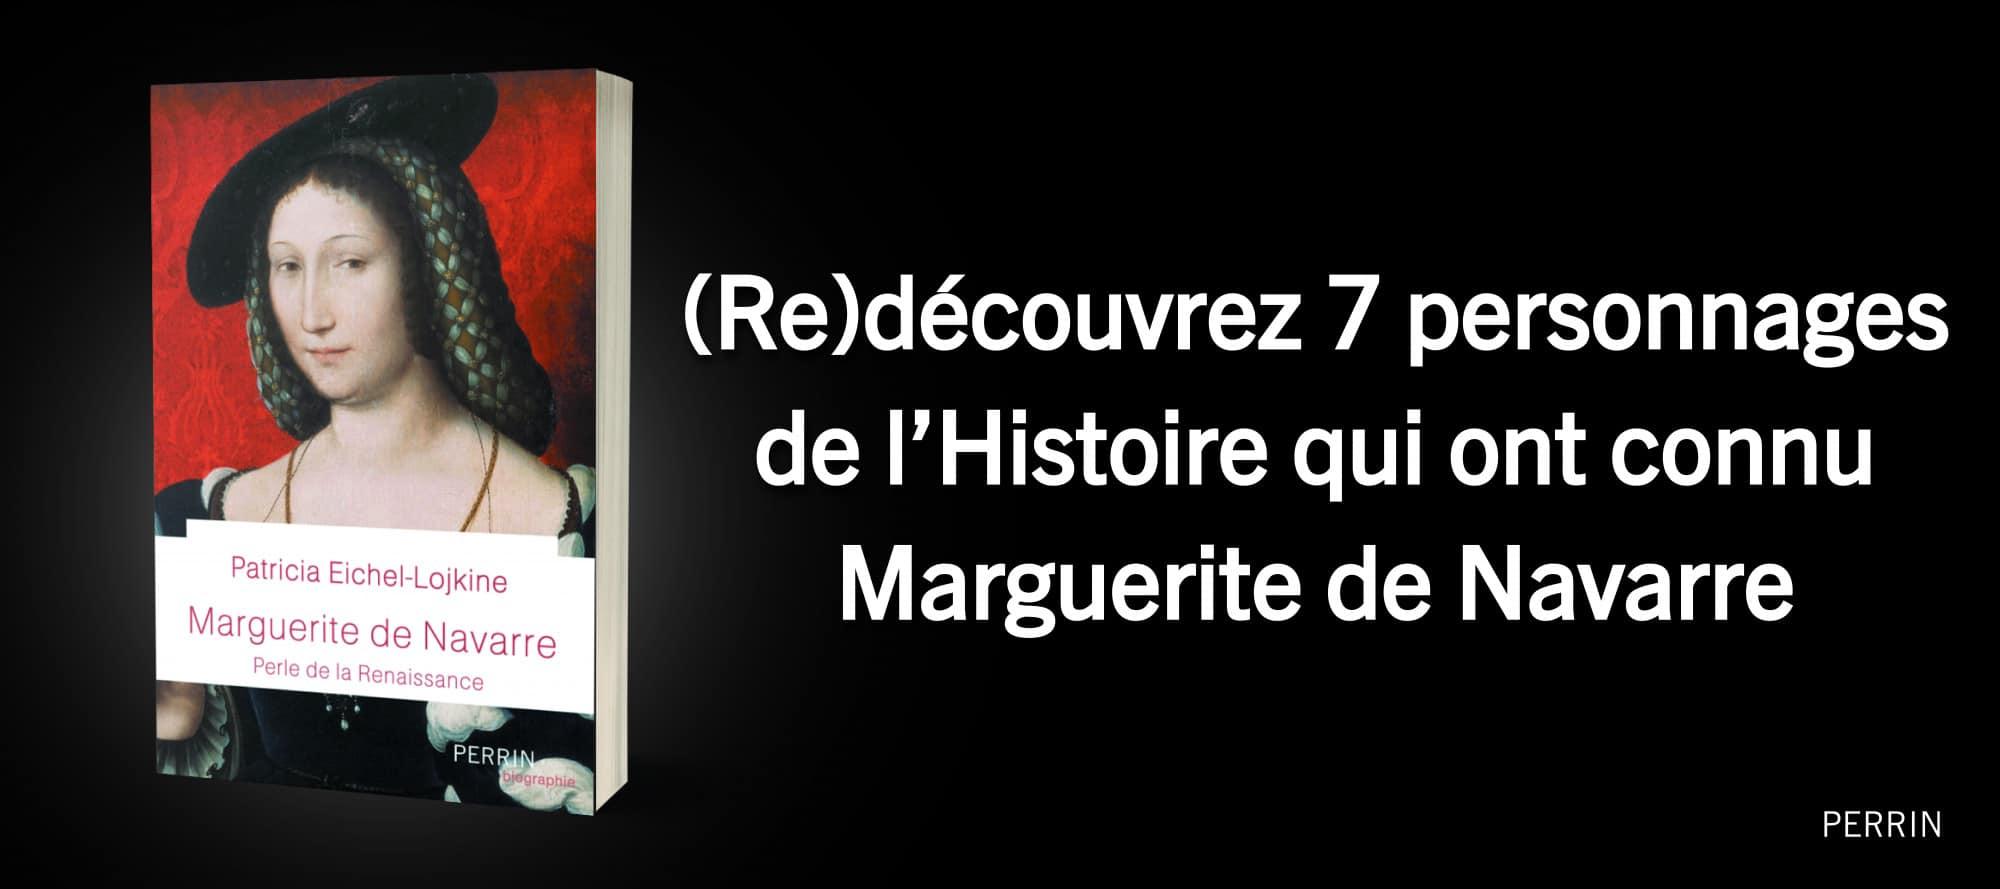 2275__desktop_Banniere_article_Lisez_Marguerite_de_Navarre_1110x493px.jpg